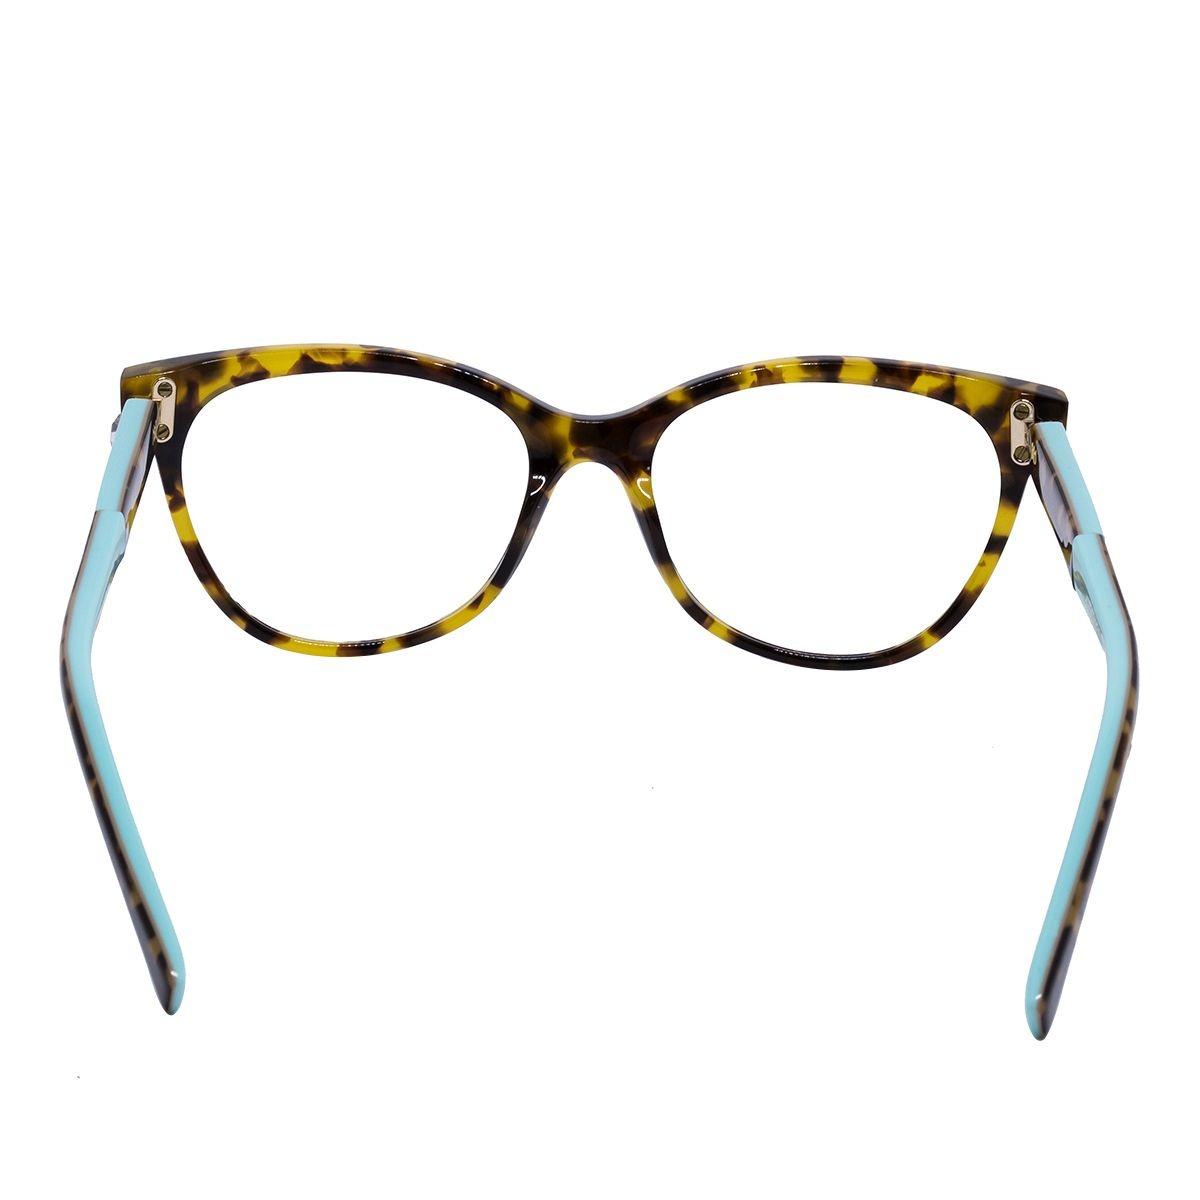 1d66b6b316912 Óculos De Grau Ana Hickmann Original Ah6248 - R  506,00 em Mercado Livre